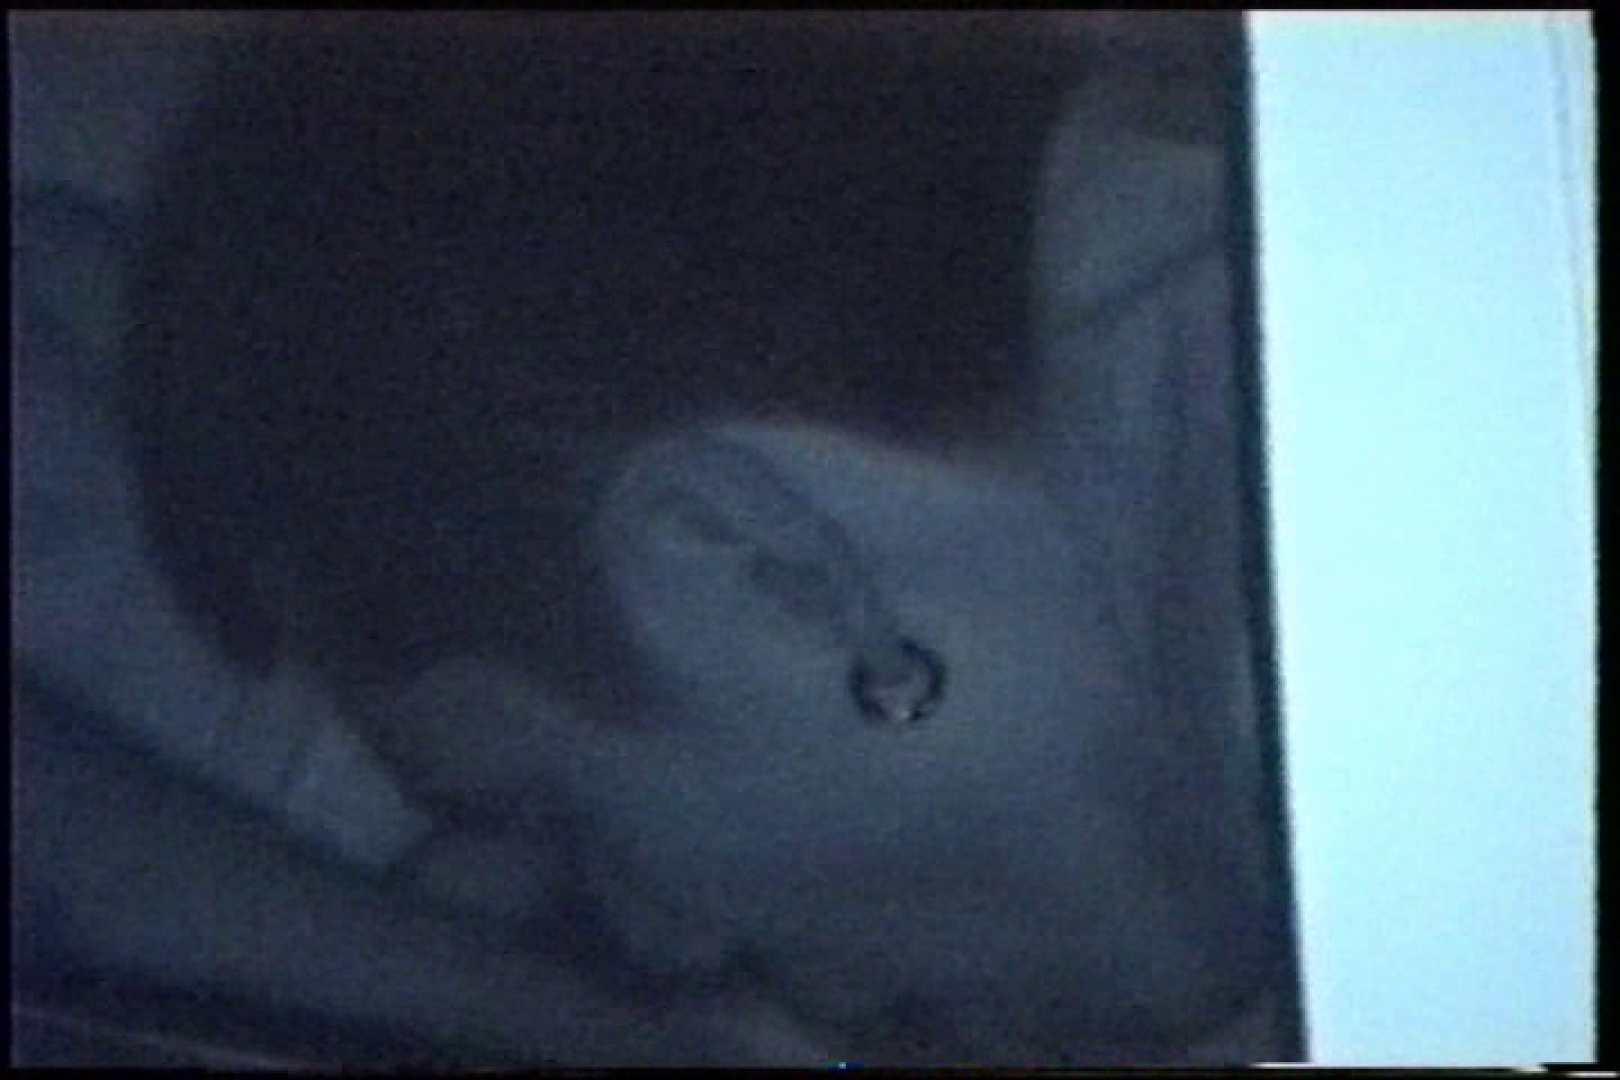 充血監督の深夜の運動会Vol.213 後編. OLの実態  61pic 24